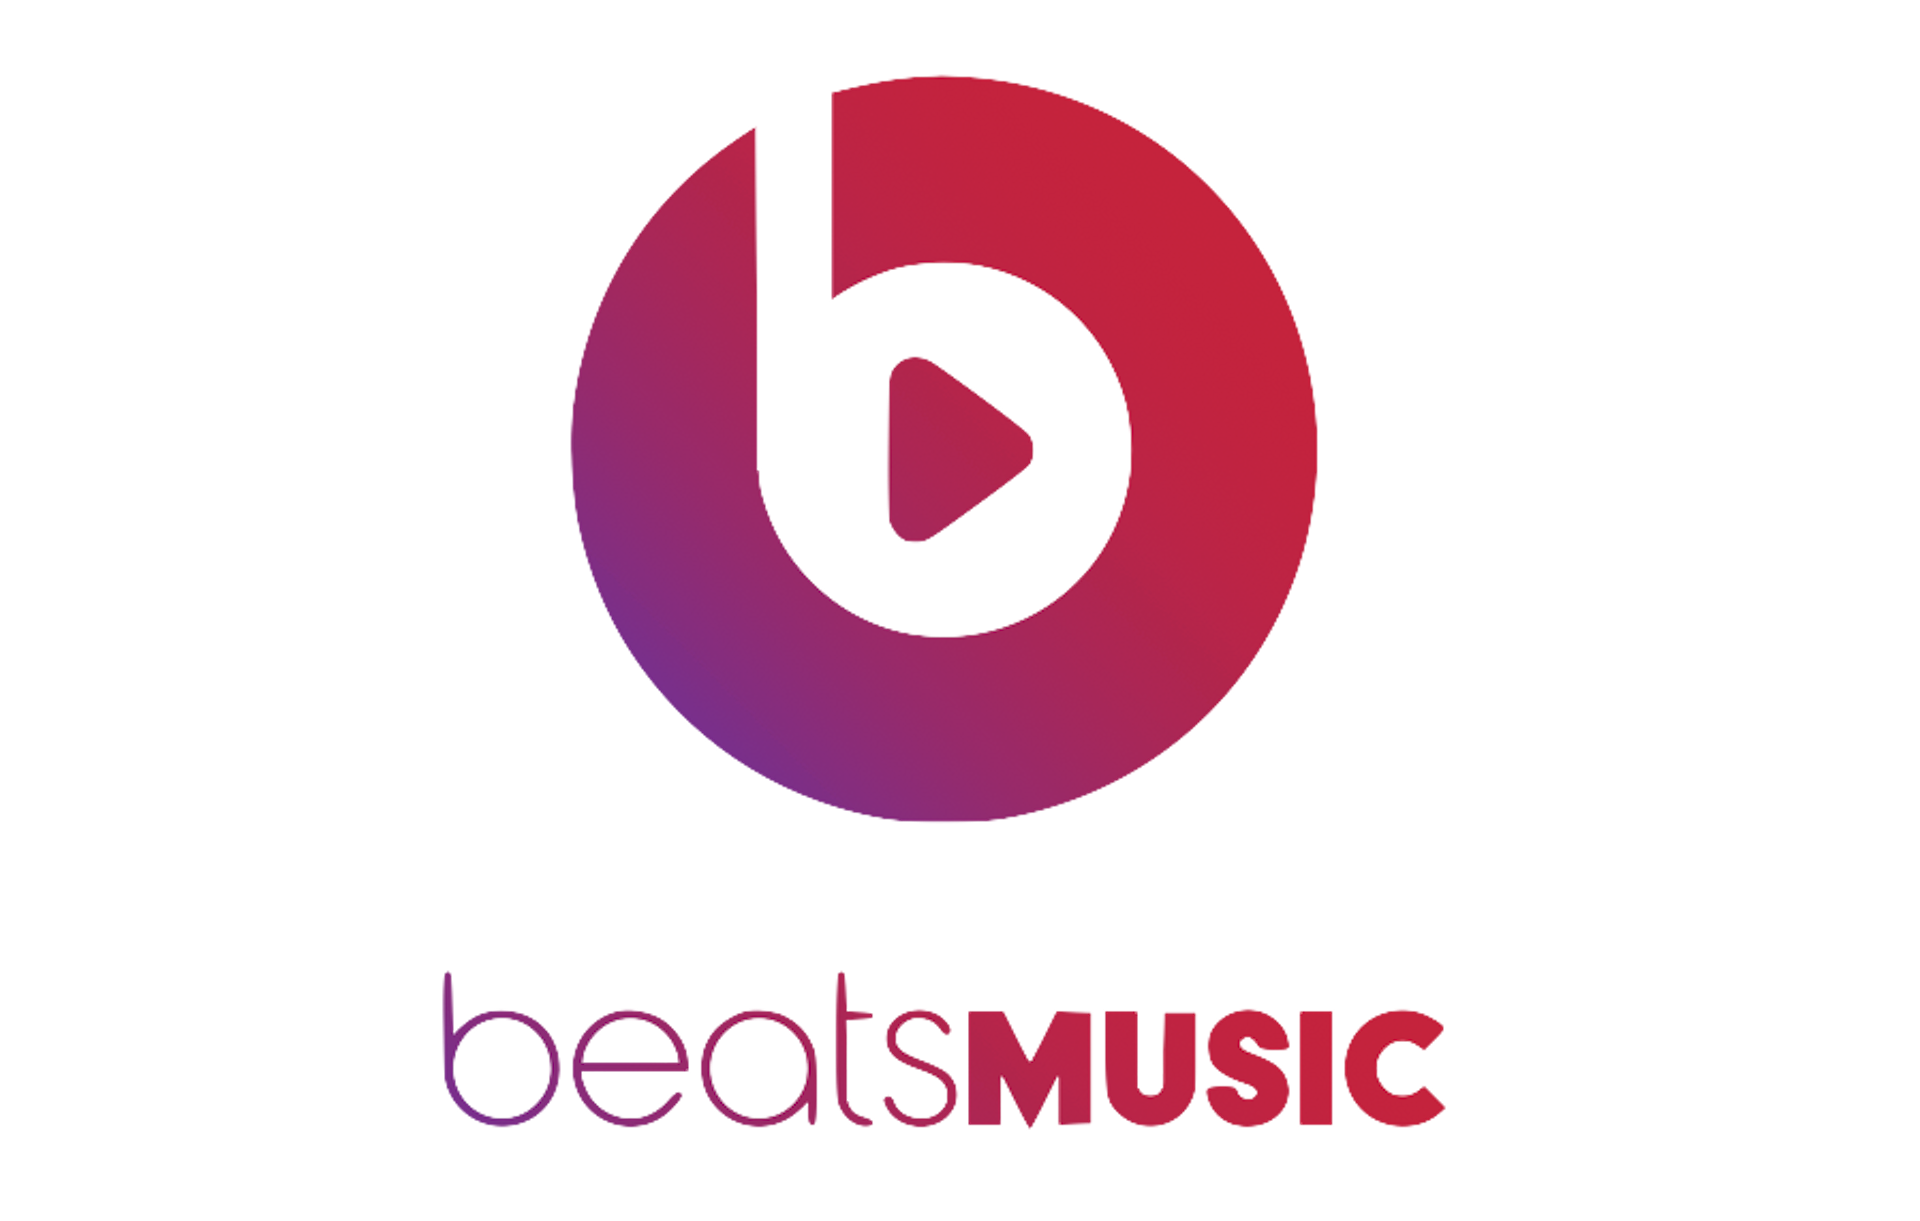 beats music logopng